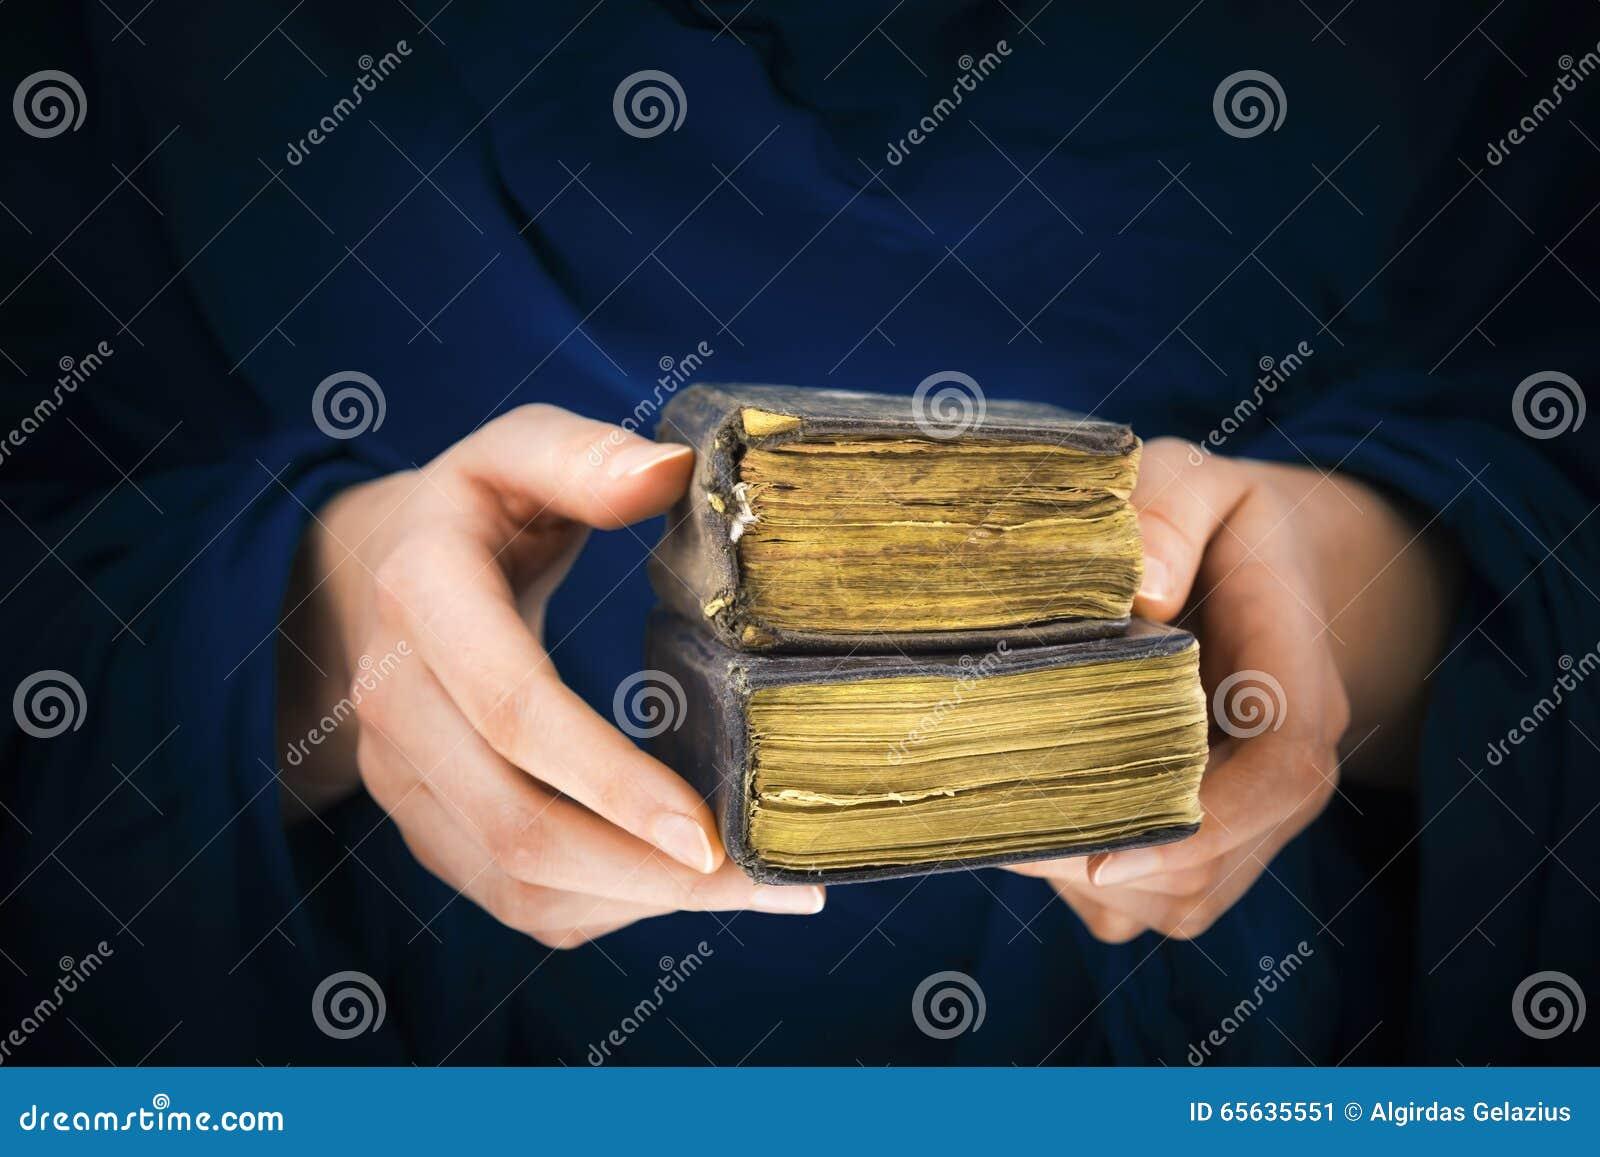 Les mains de la femme tenant deux vieux livres